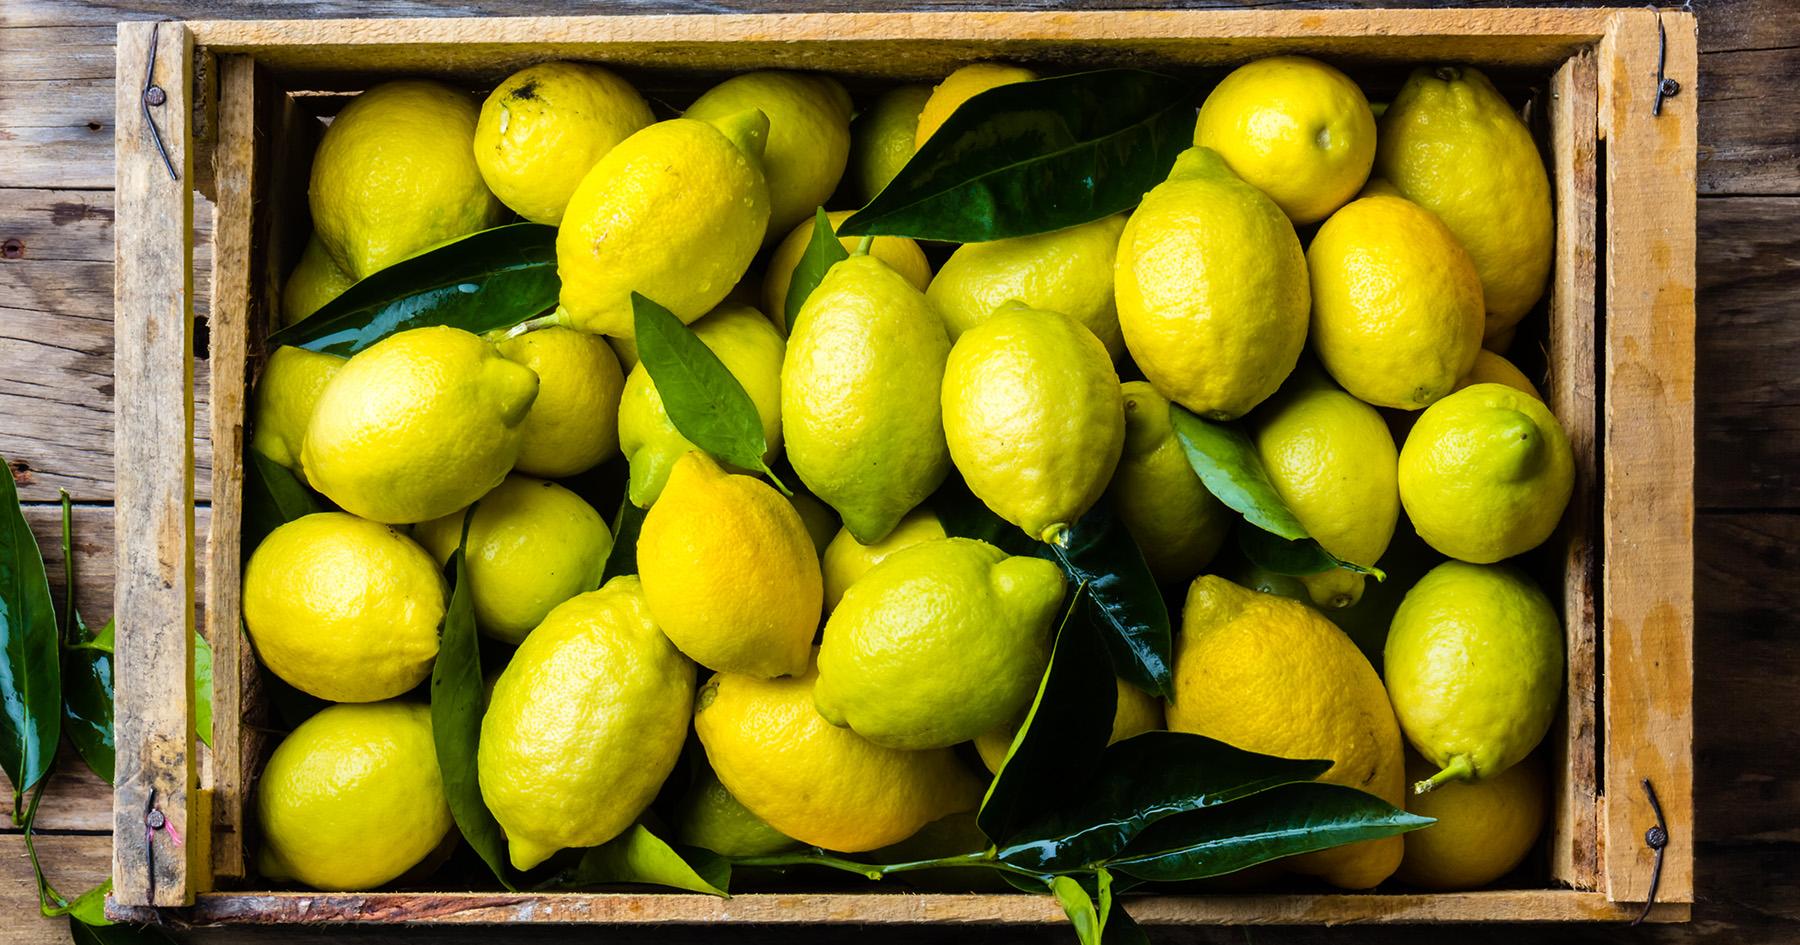 freshly harvested lemons